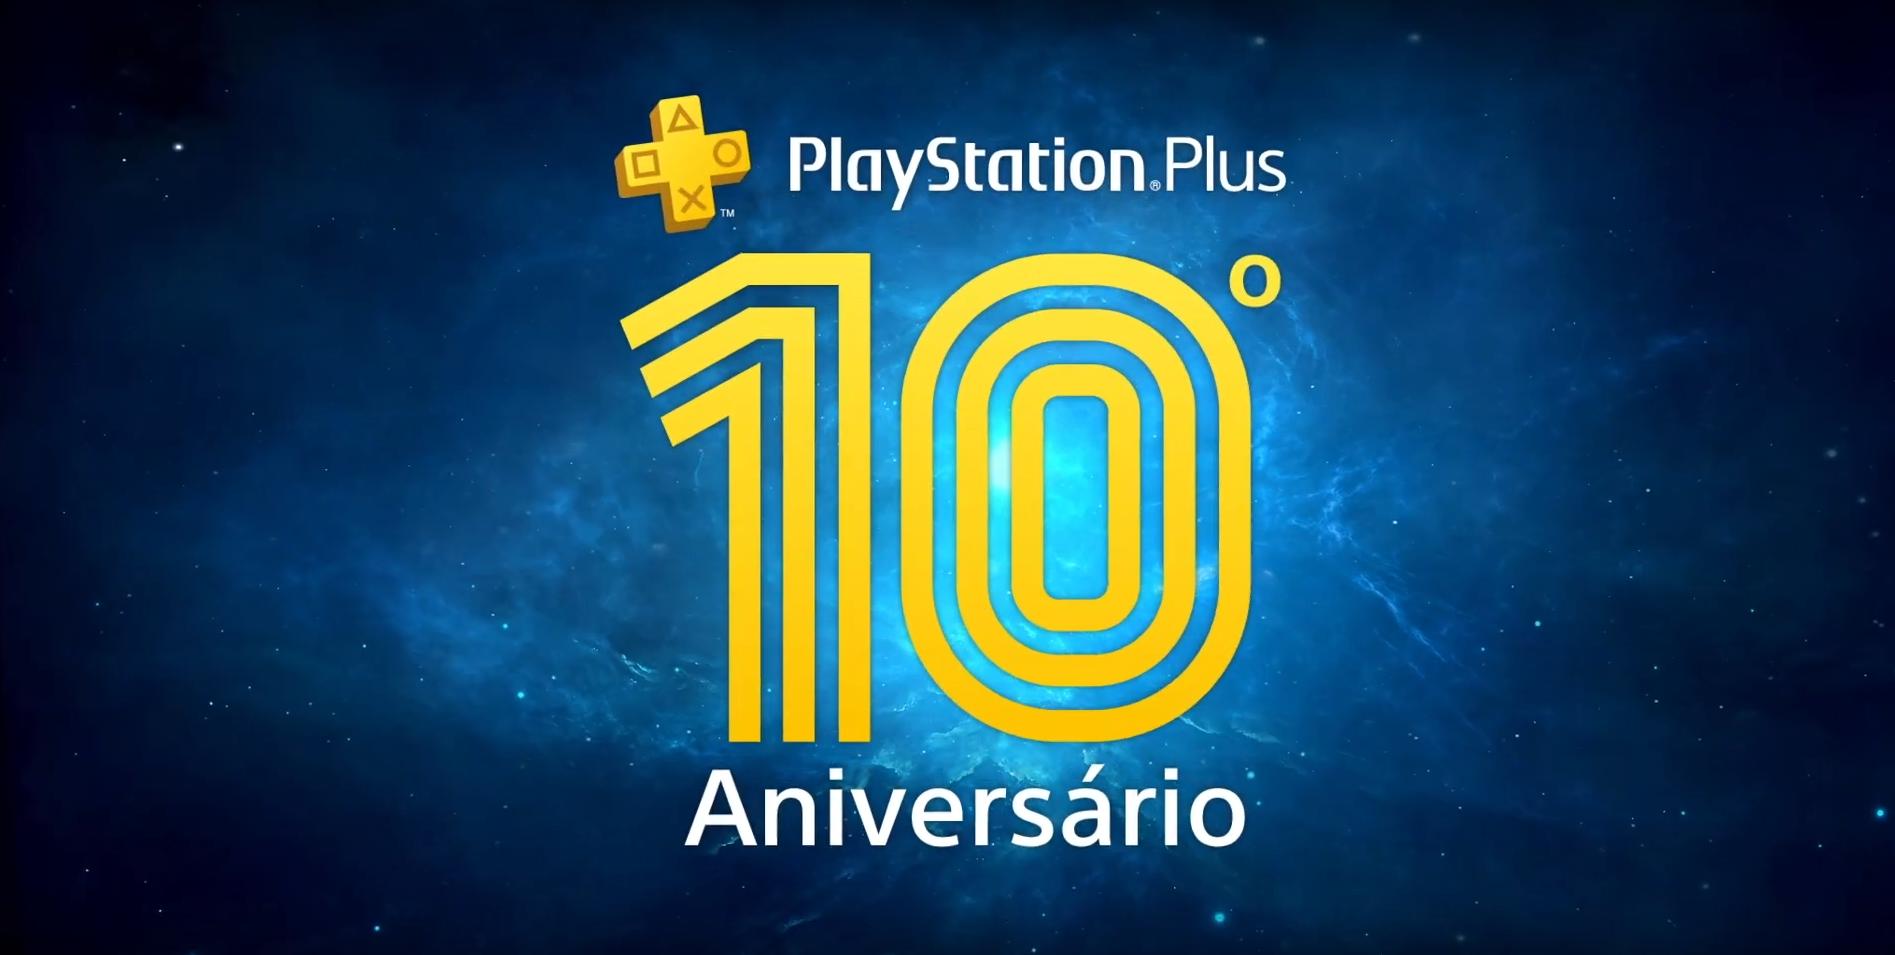 PS Plus celebra 10 anos e oferece três jogos